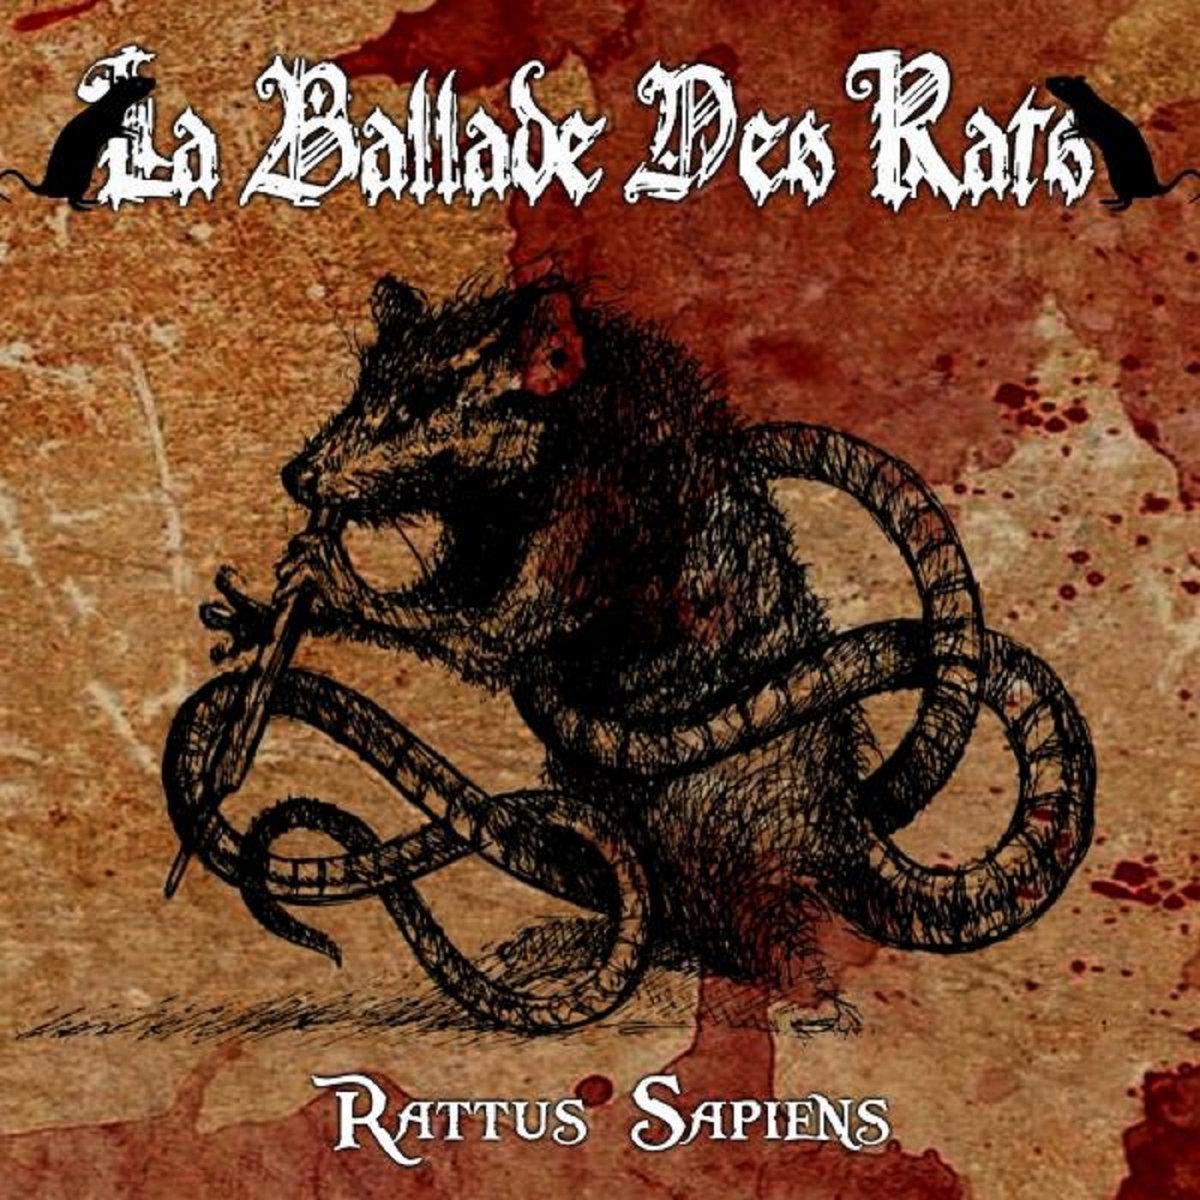 La ballade des rats rattus sapiens chronique le scribe du rock